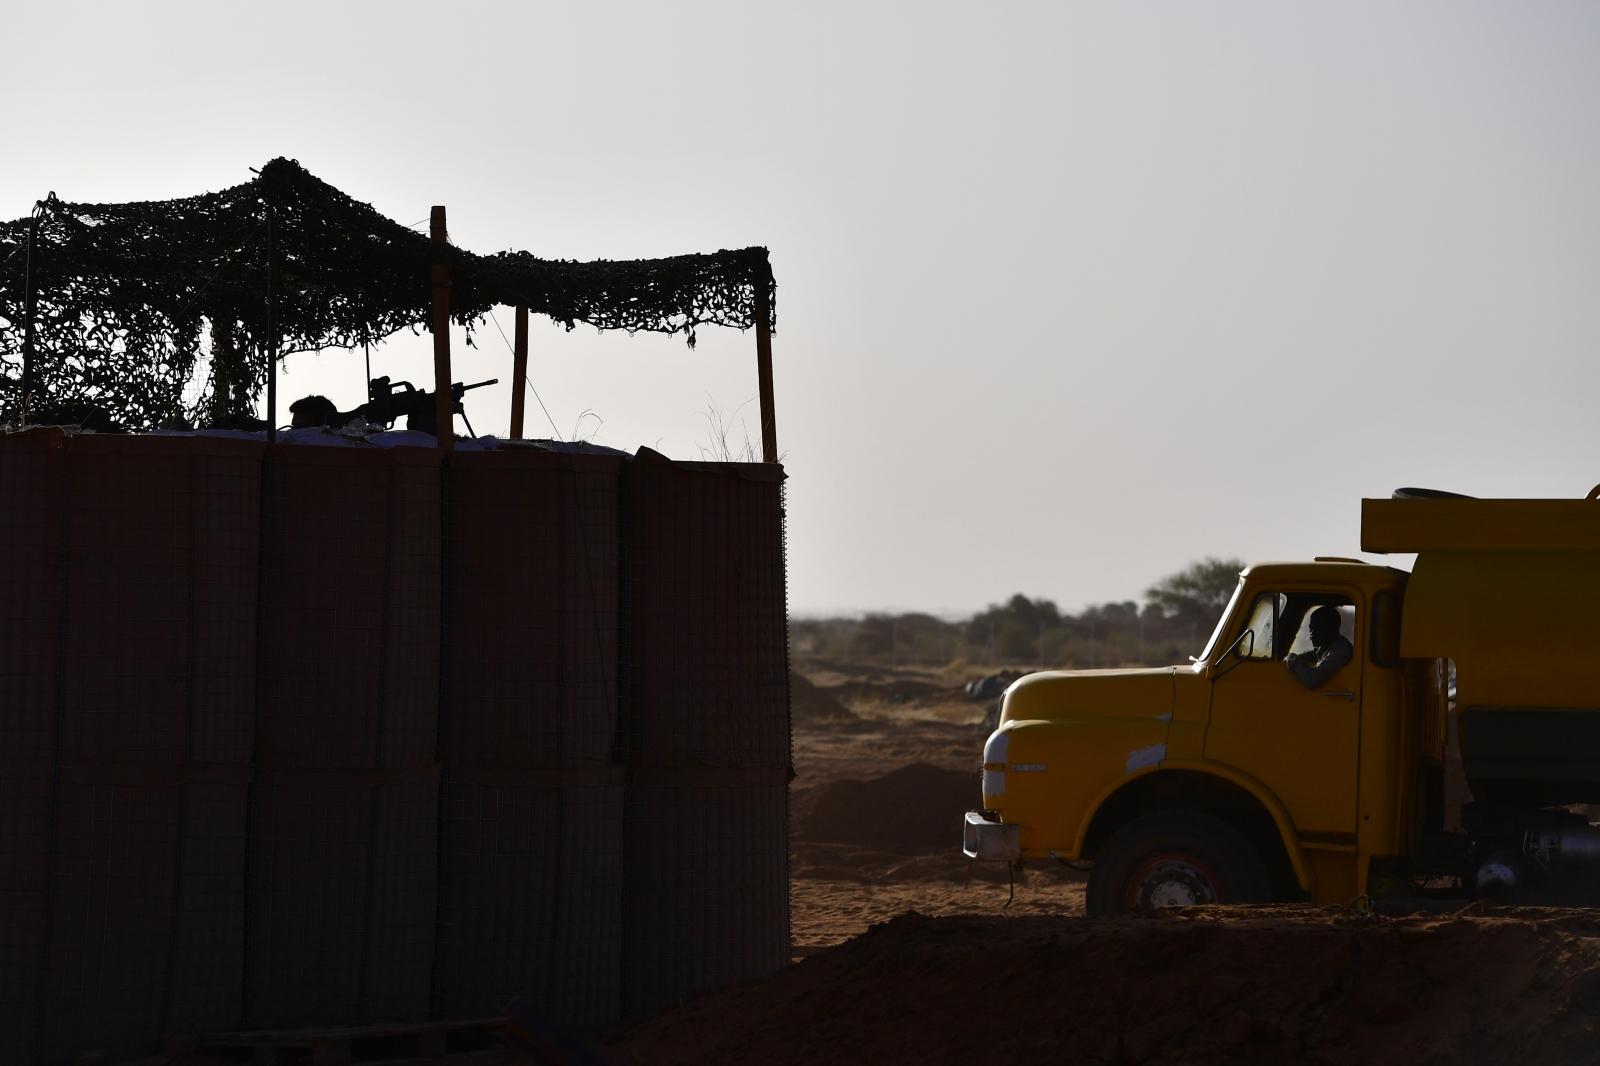 Islmalists in Mali